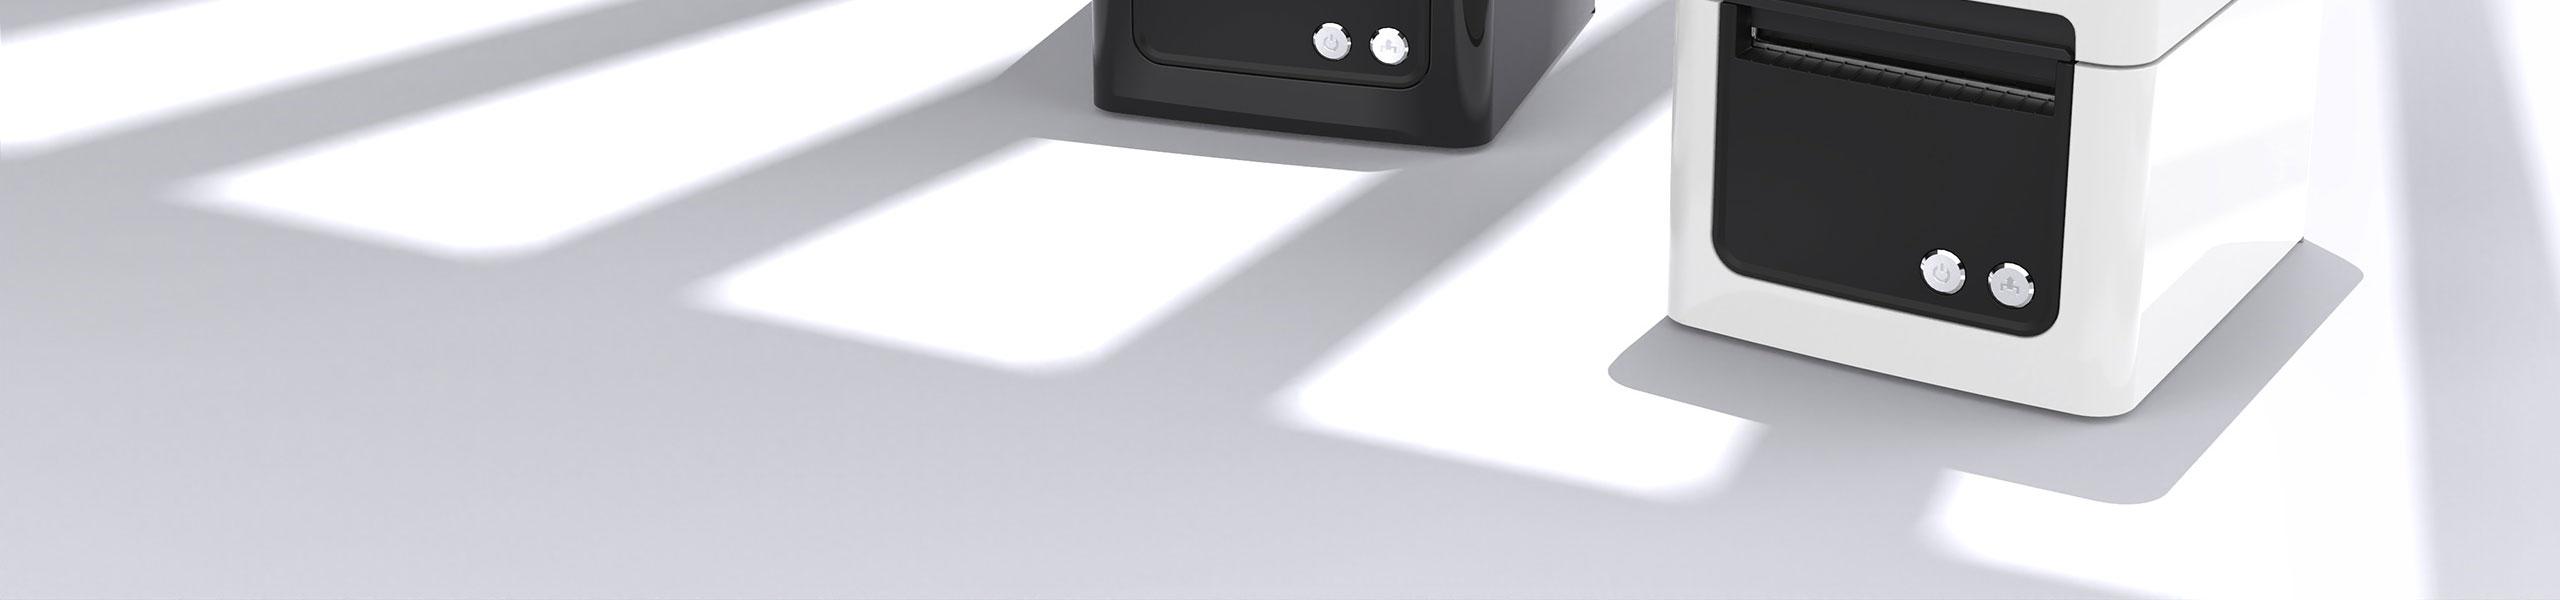 TP809热敏票据打印机,黑白两色可选  第3张